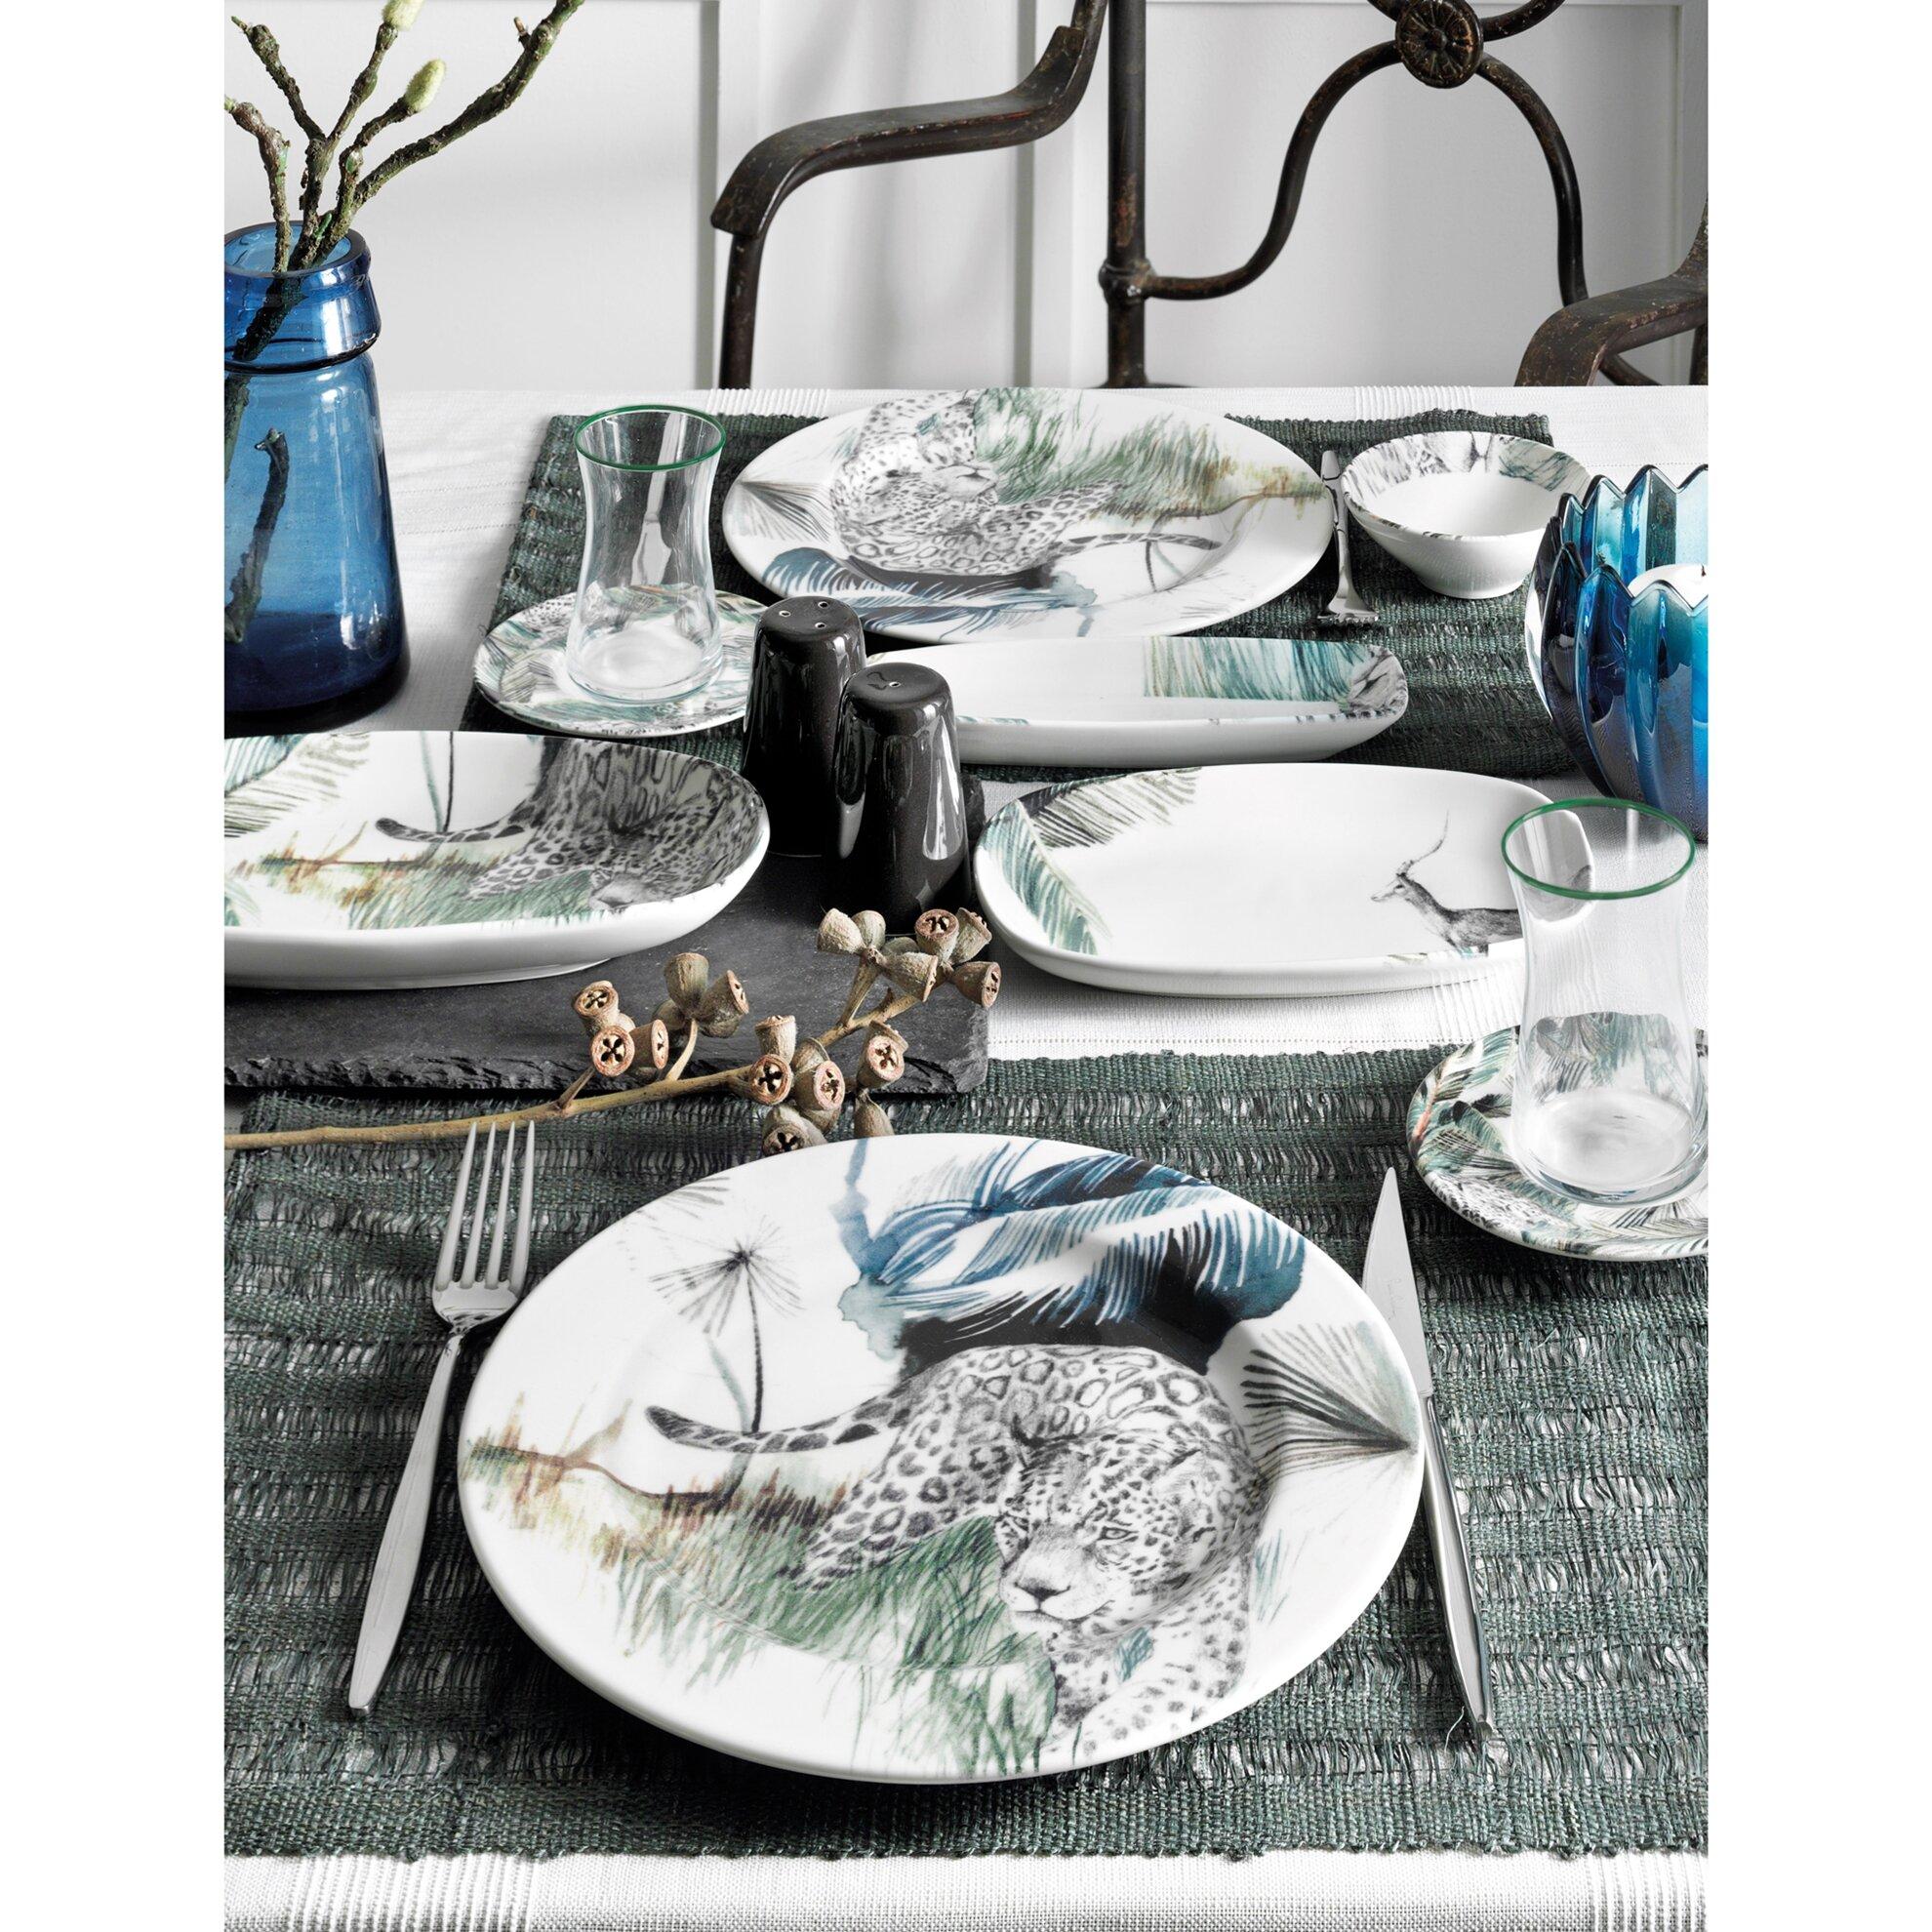 resm Pierre Cardin Naomi 31 Parça 6 Kişilik Kahvaltı Takımı